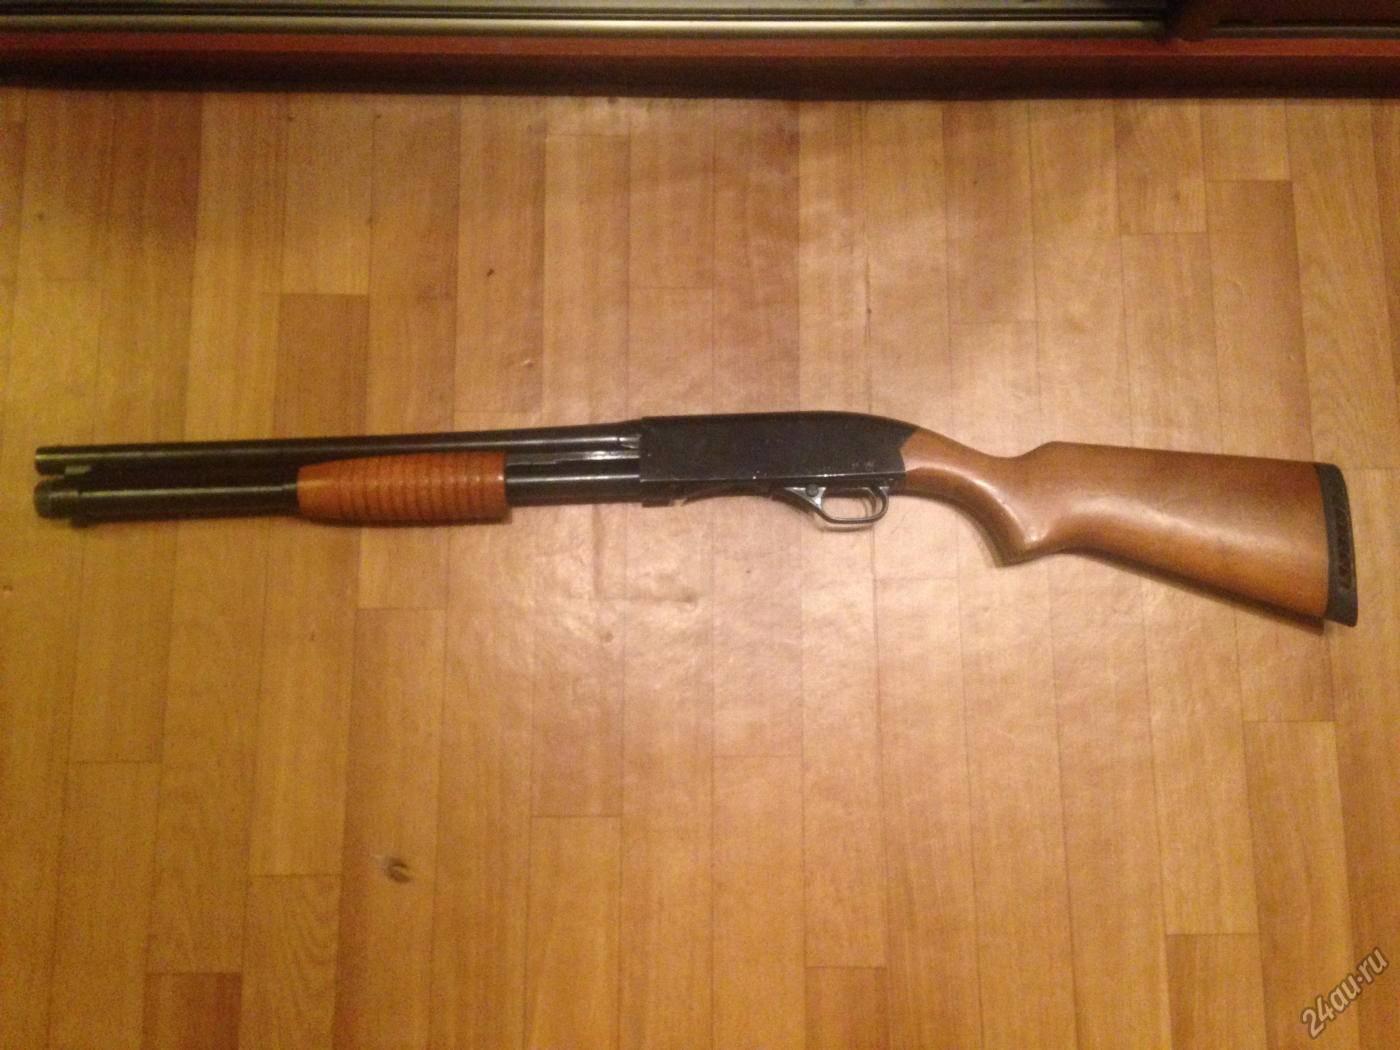 Гладкоствольное ружье Winchester 1300